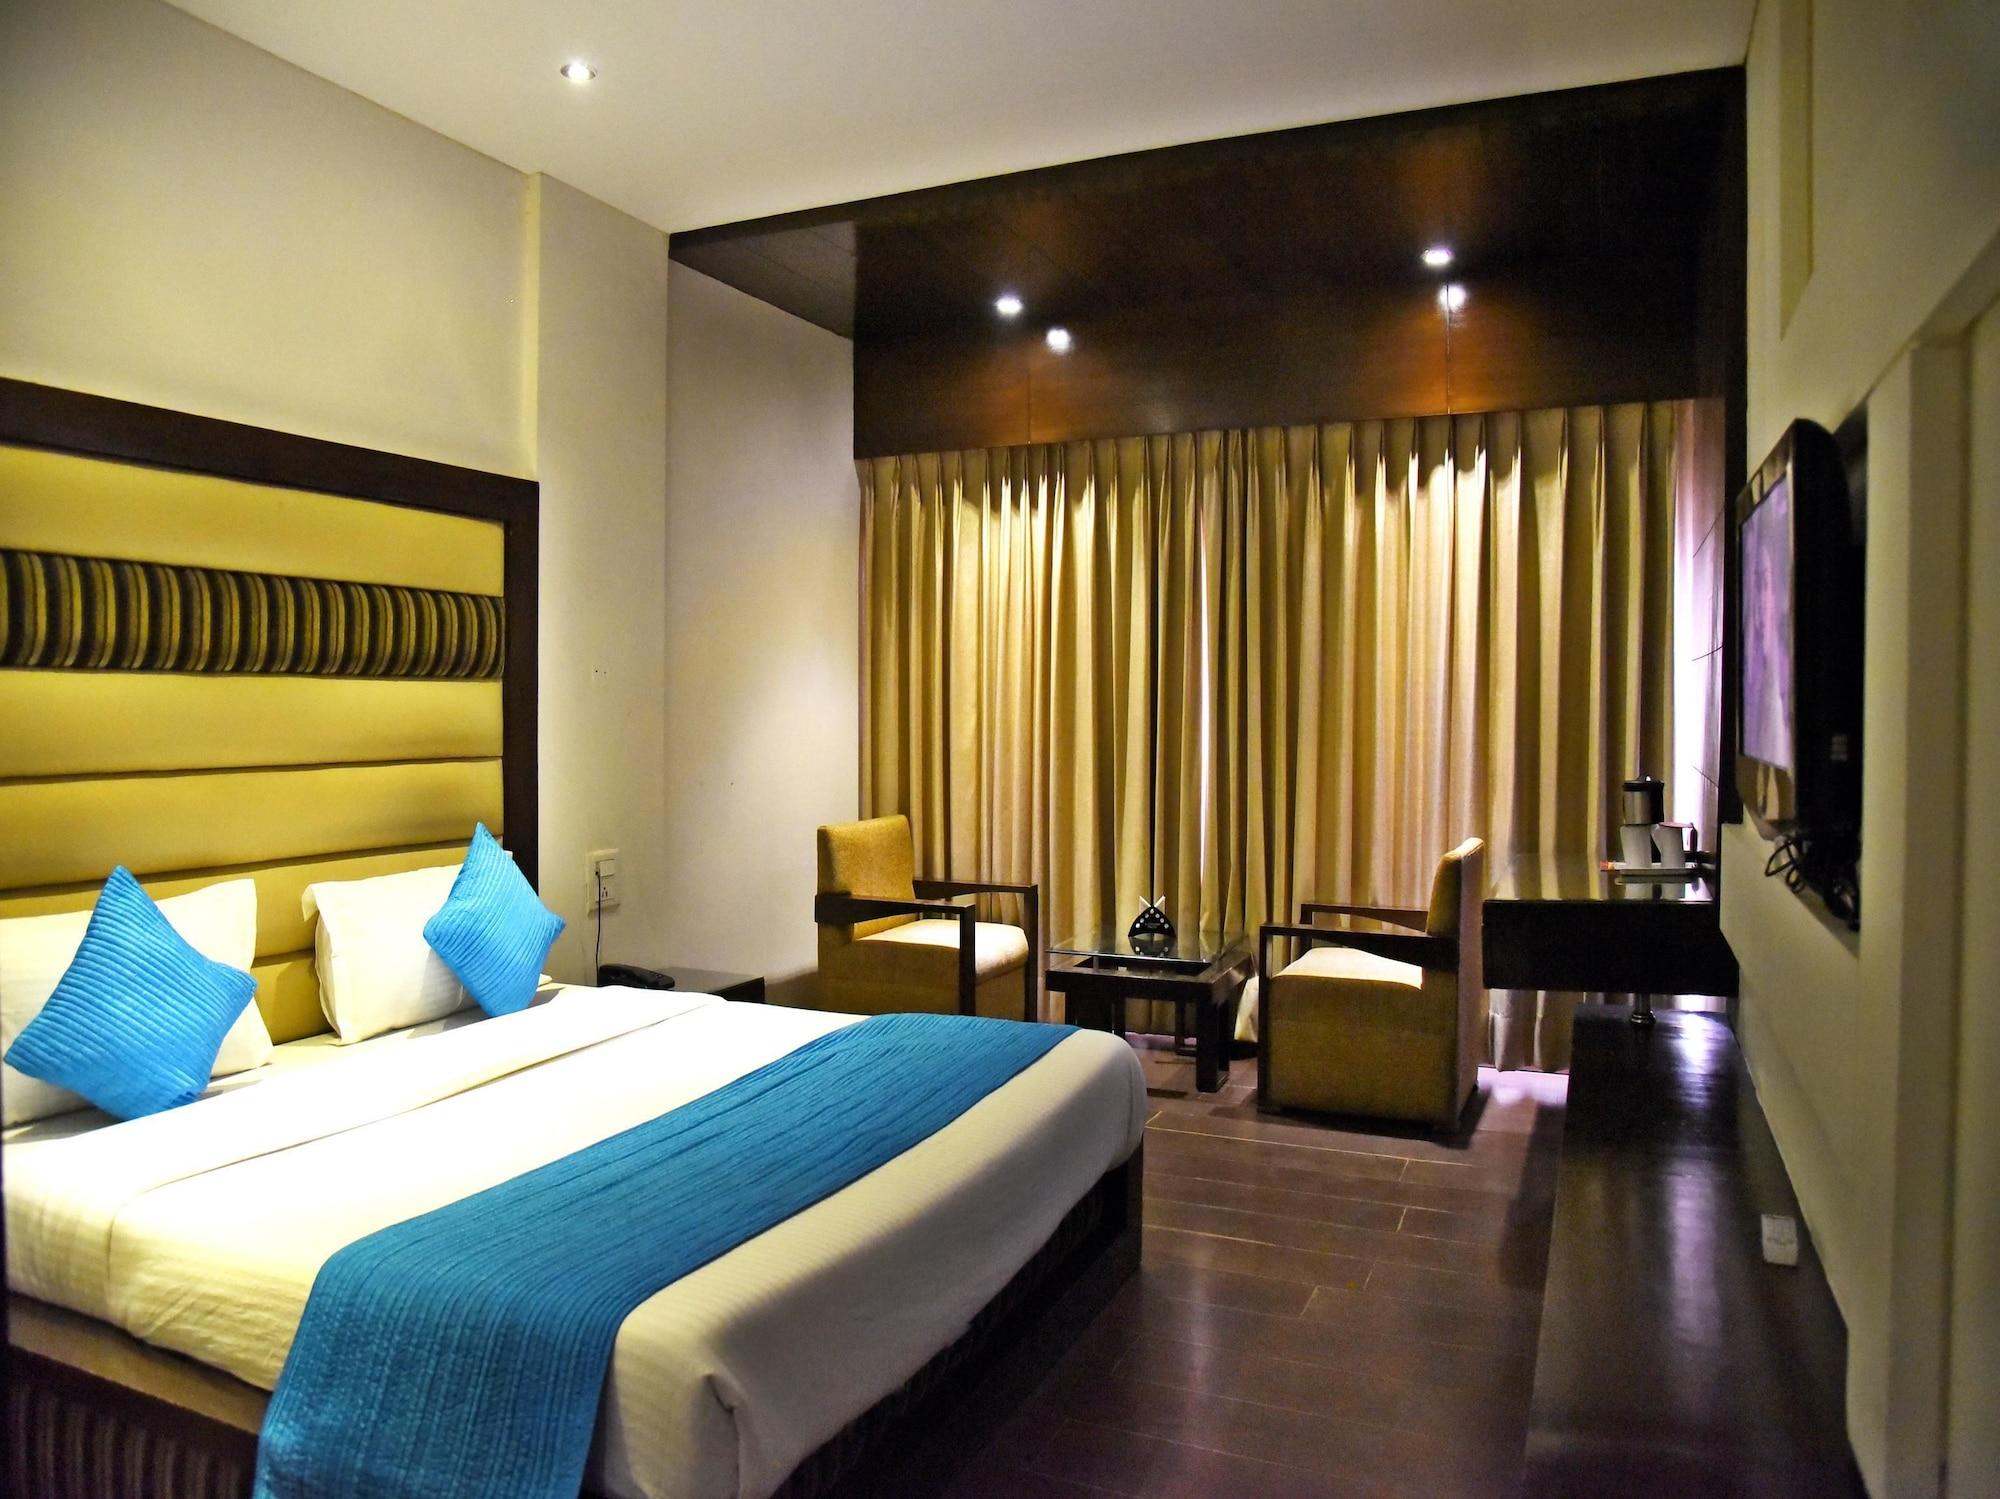 OYO 3537 Hotel Landmark, Chandigarh